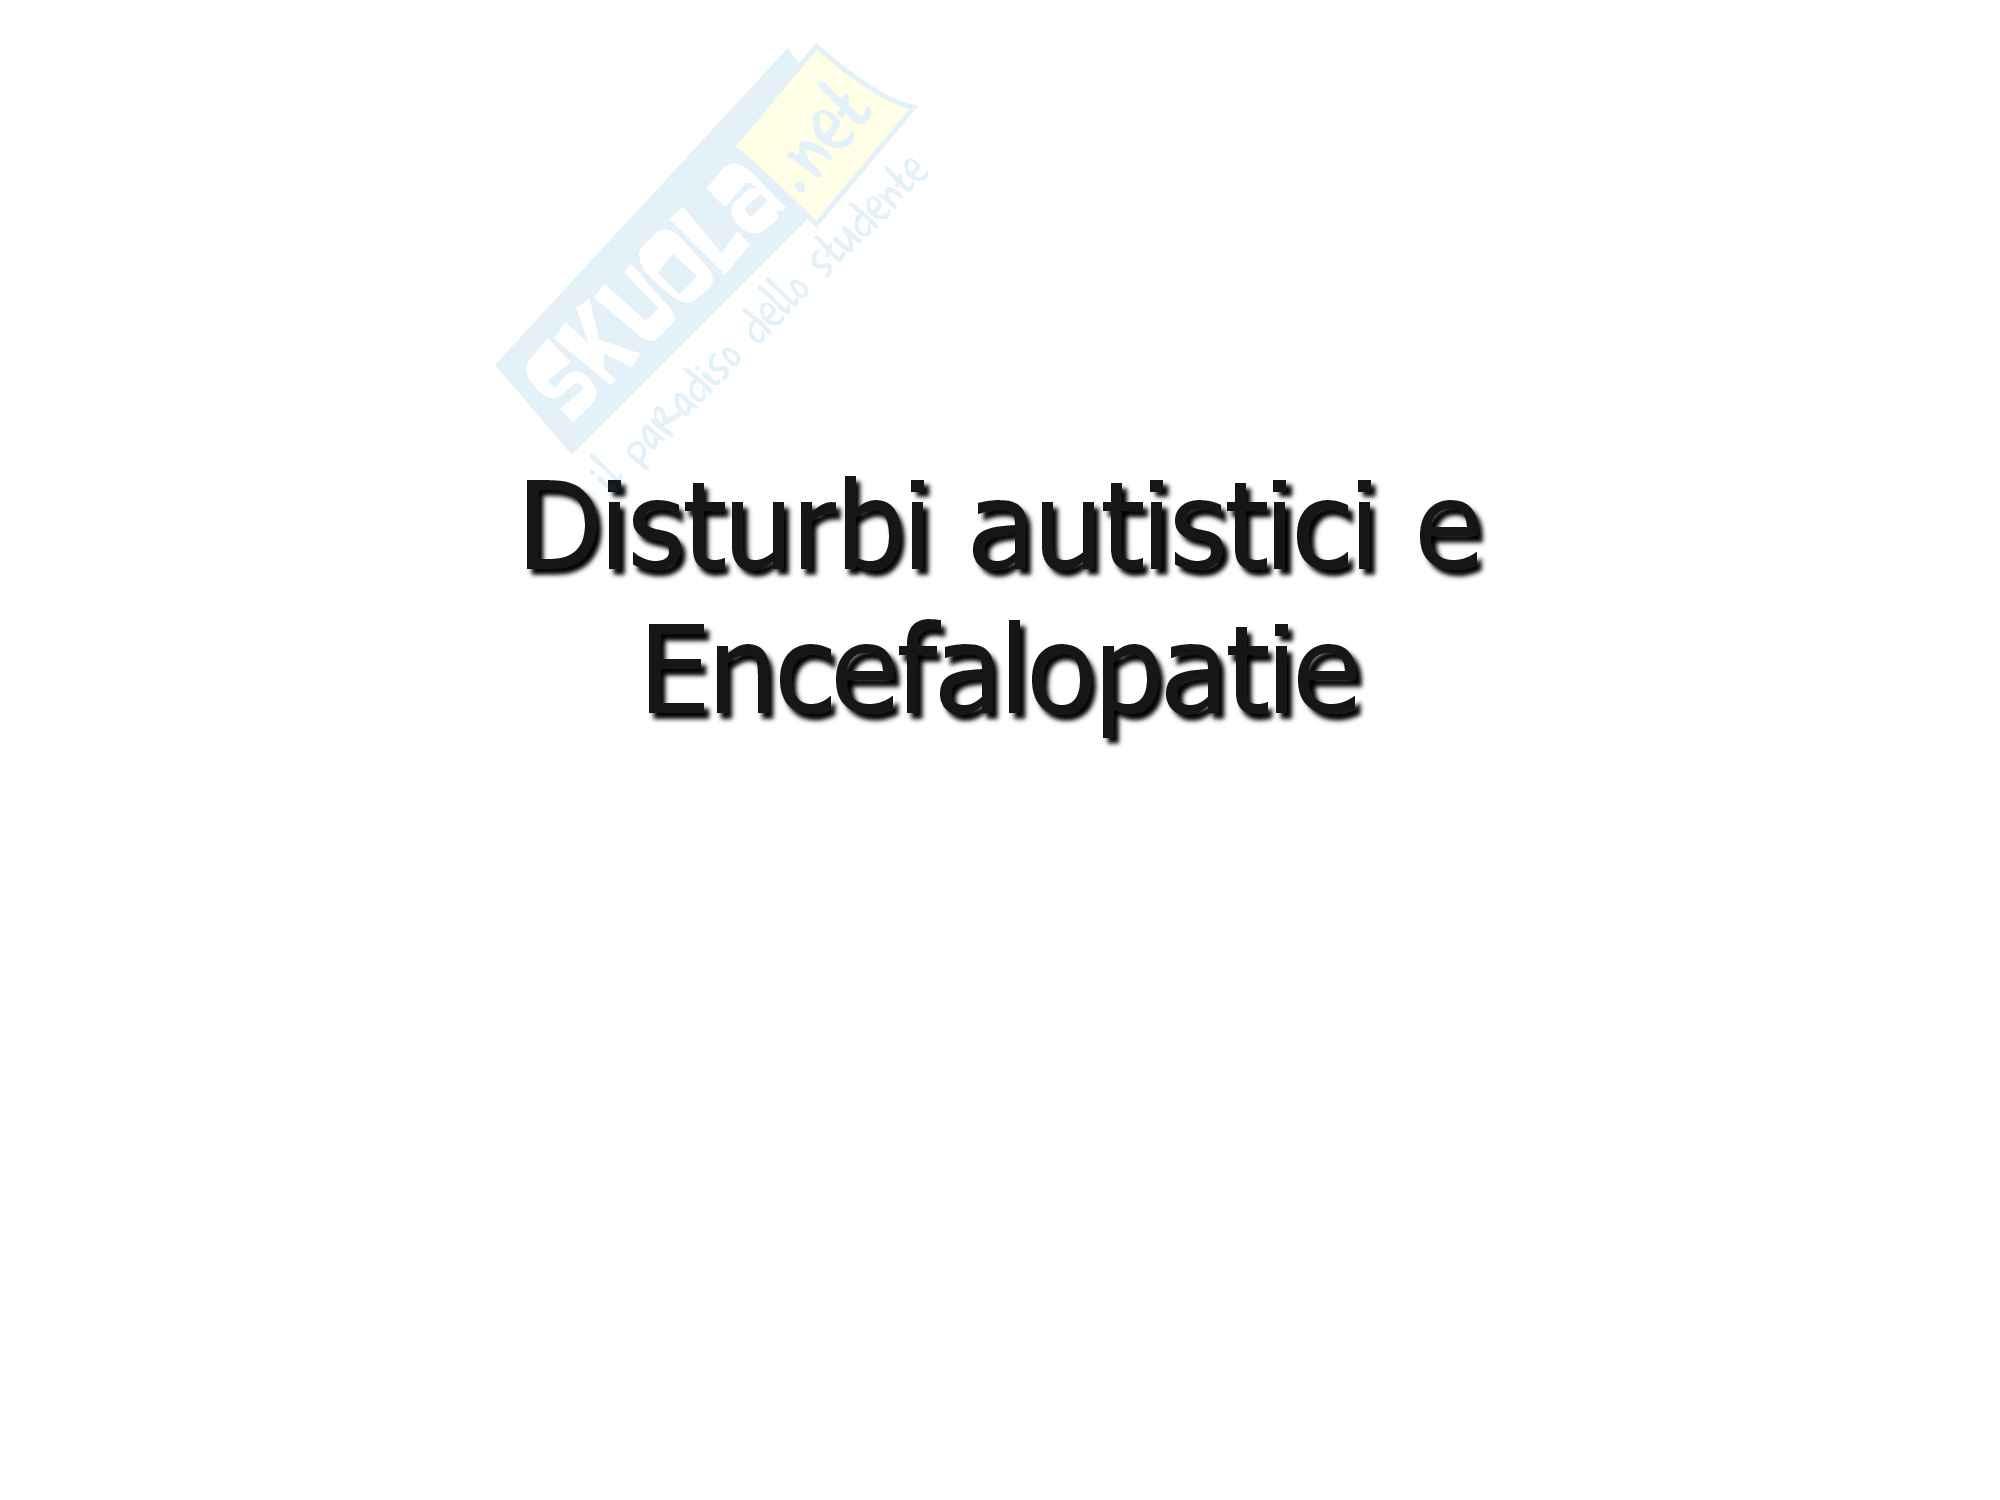 Disturbi autistici e Encefalopatie